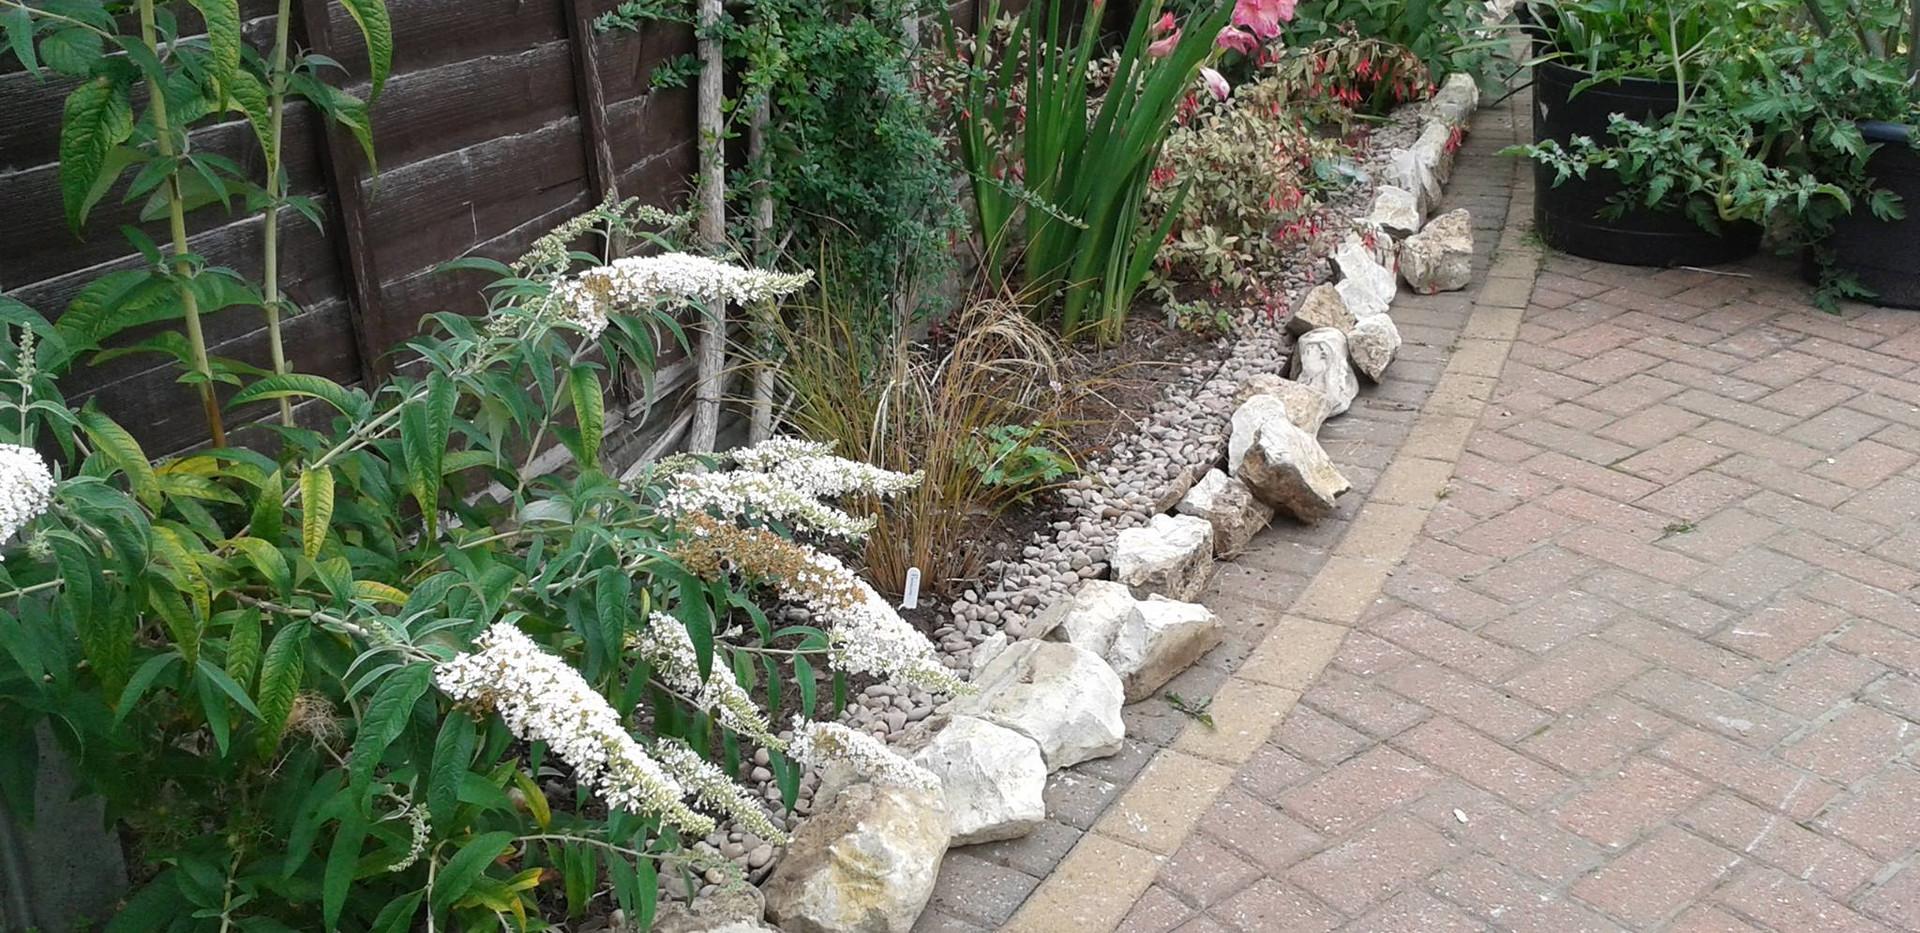 Front garden drainage/irrigation in progress